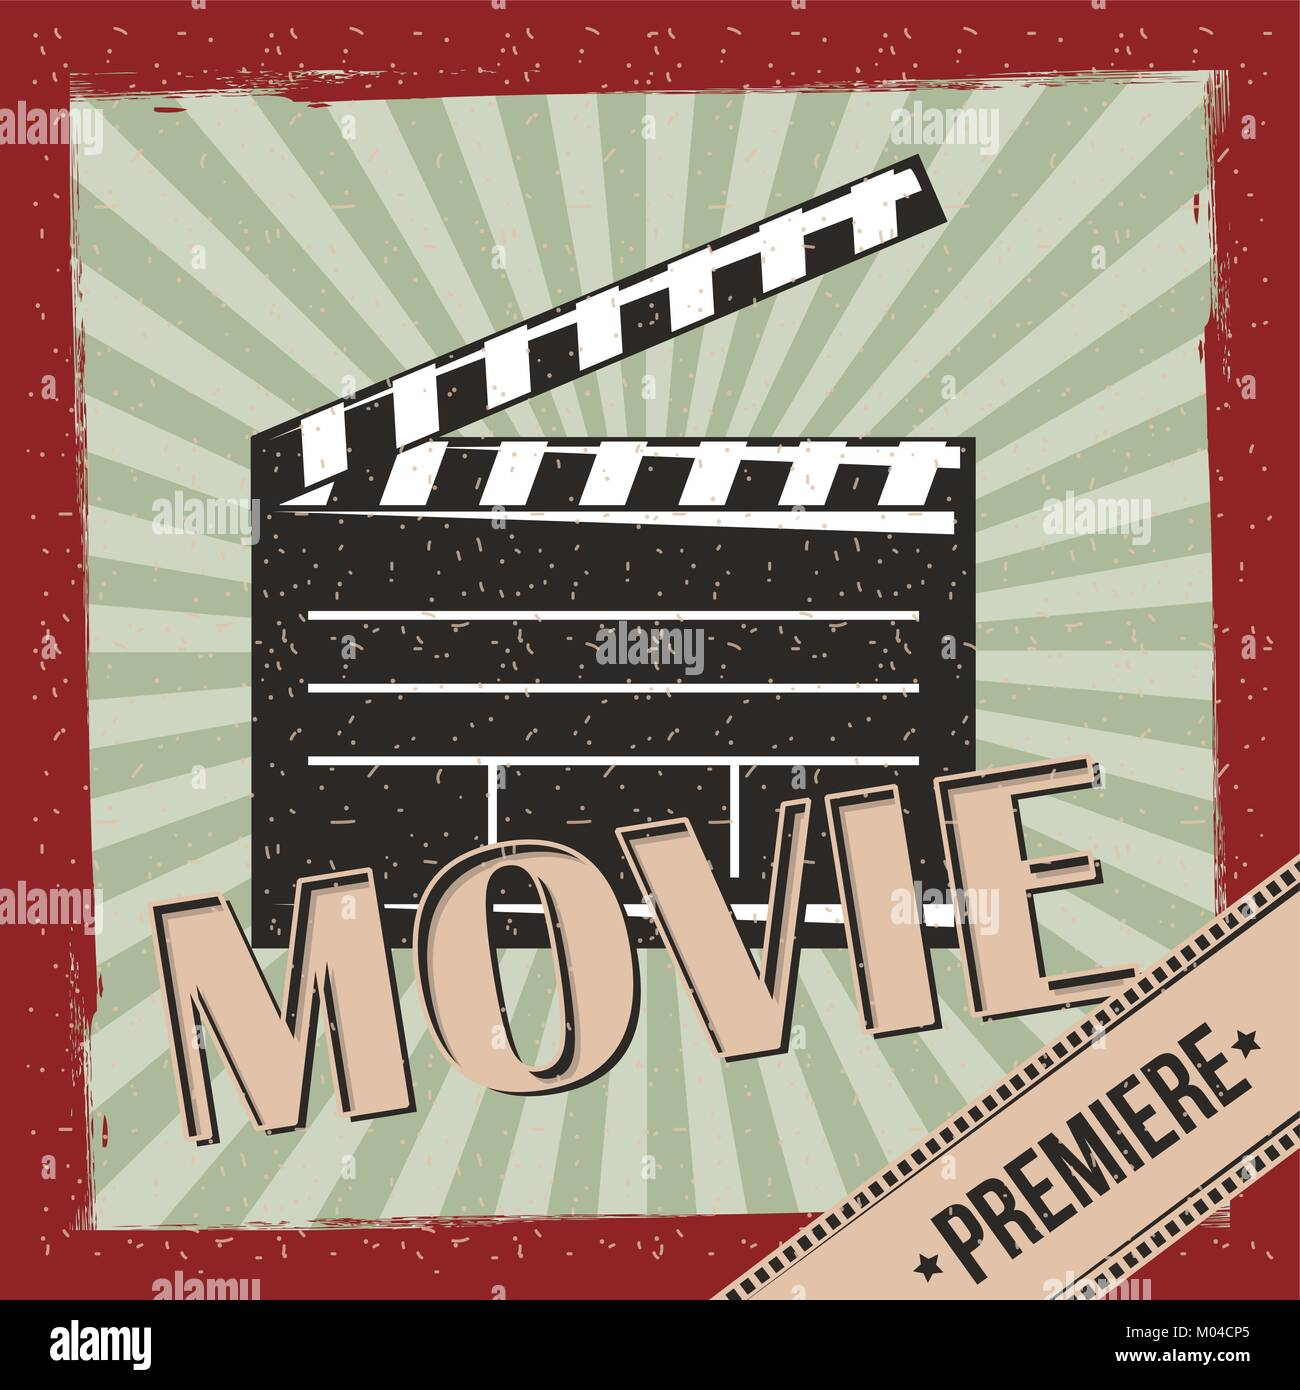 Film Premiere retro Einladung posterleisten Hintergrund Vektor ...